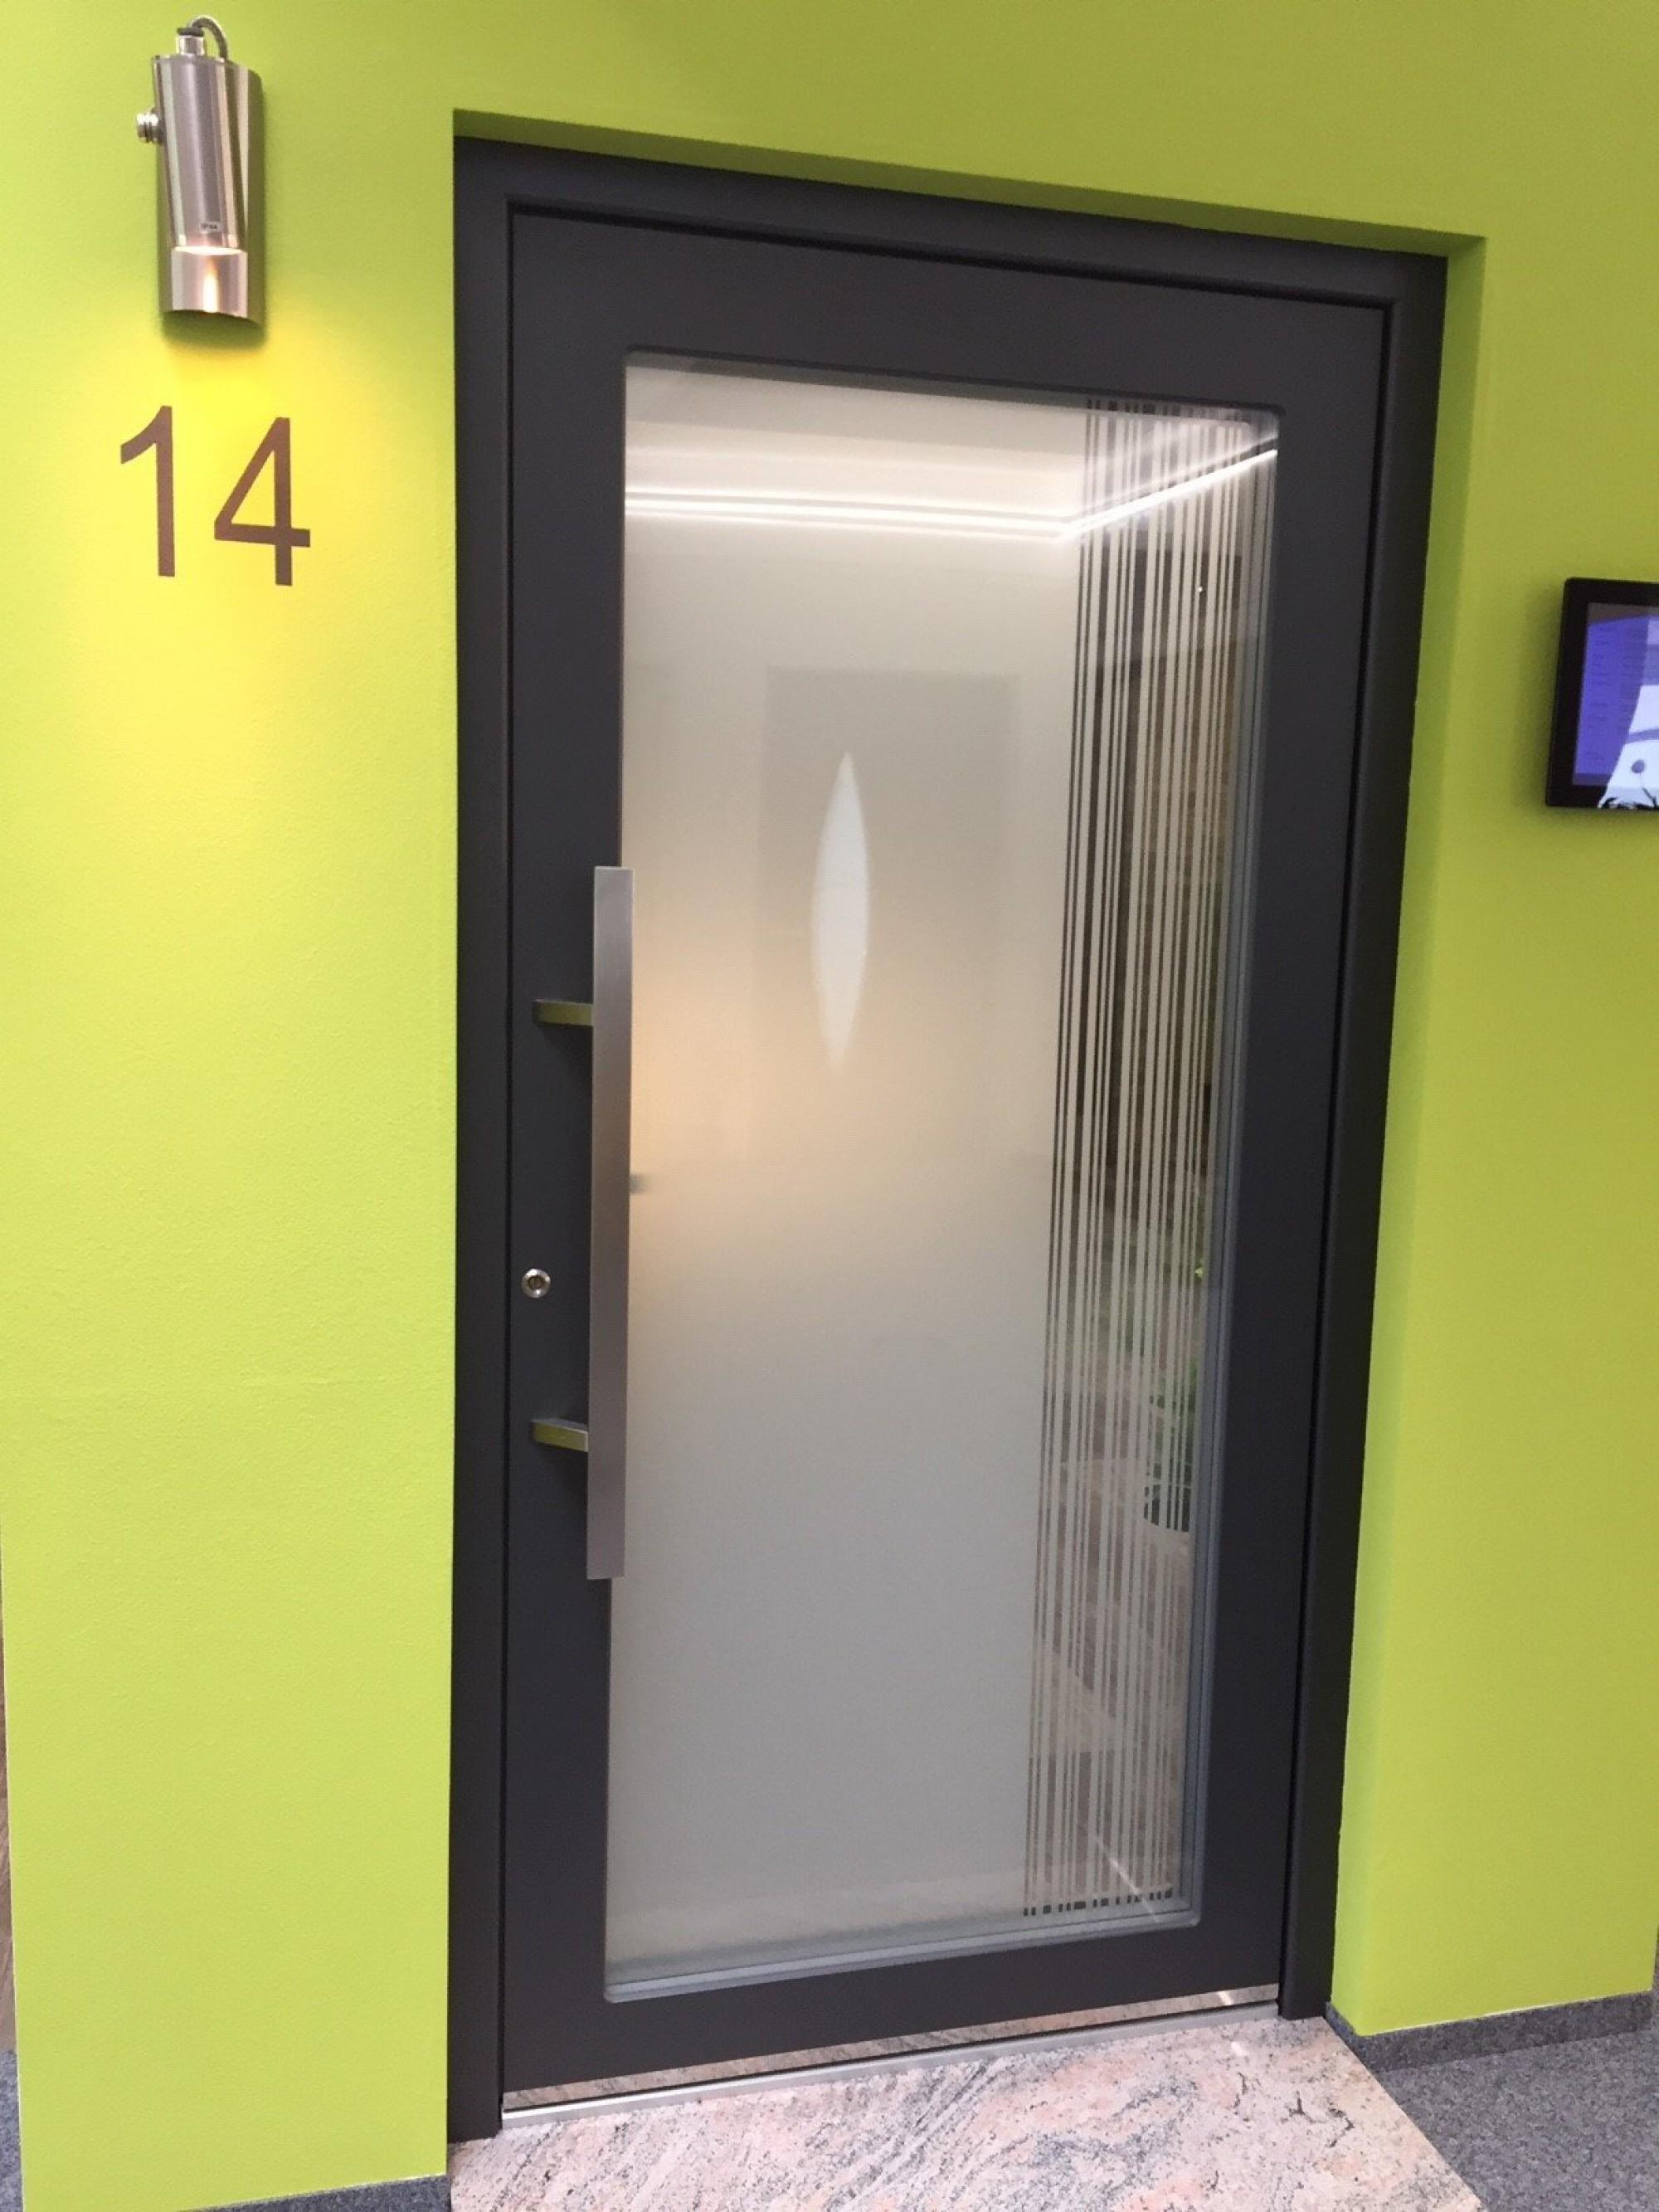 Schnäppchen & Lager - Eibner + Regnath - Fenster & Türen